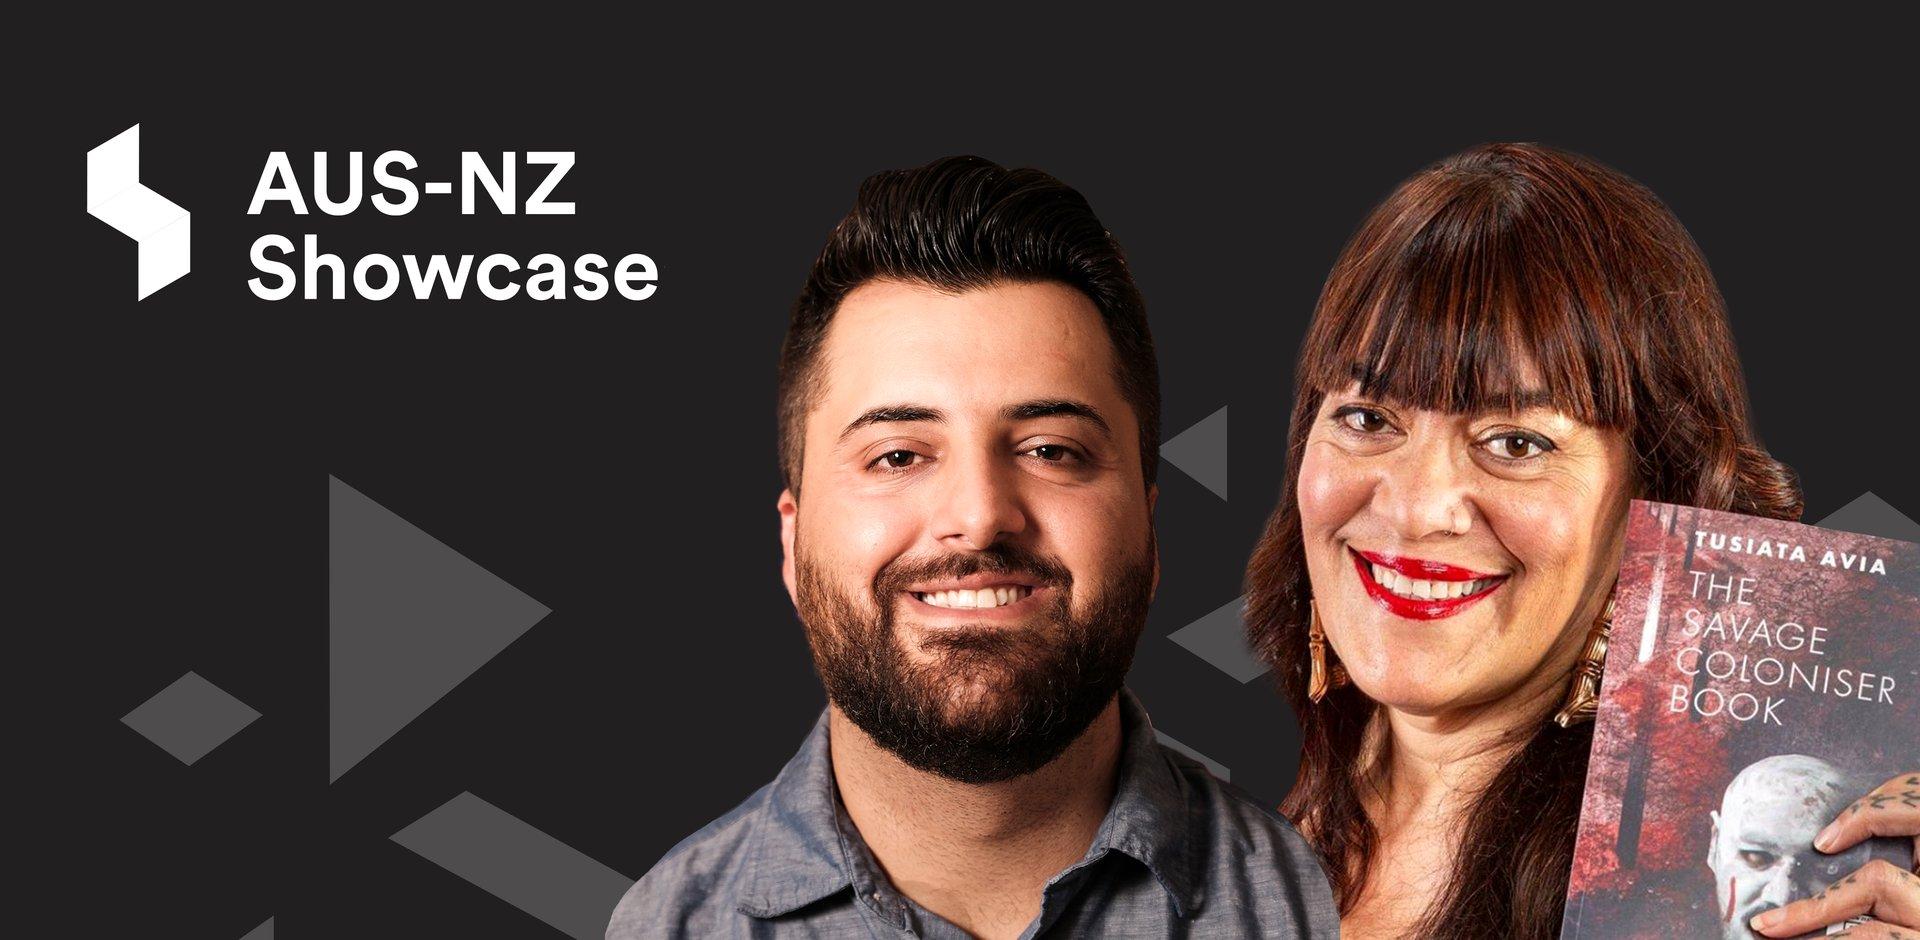 AUS-NZ-Showcase.jpg